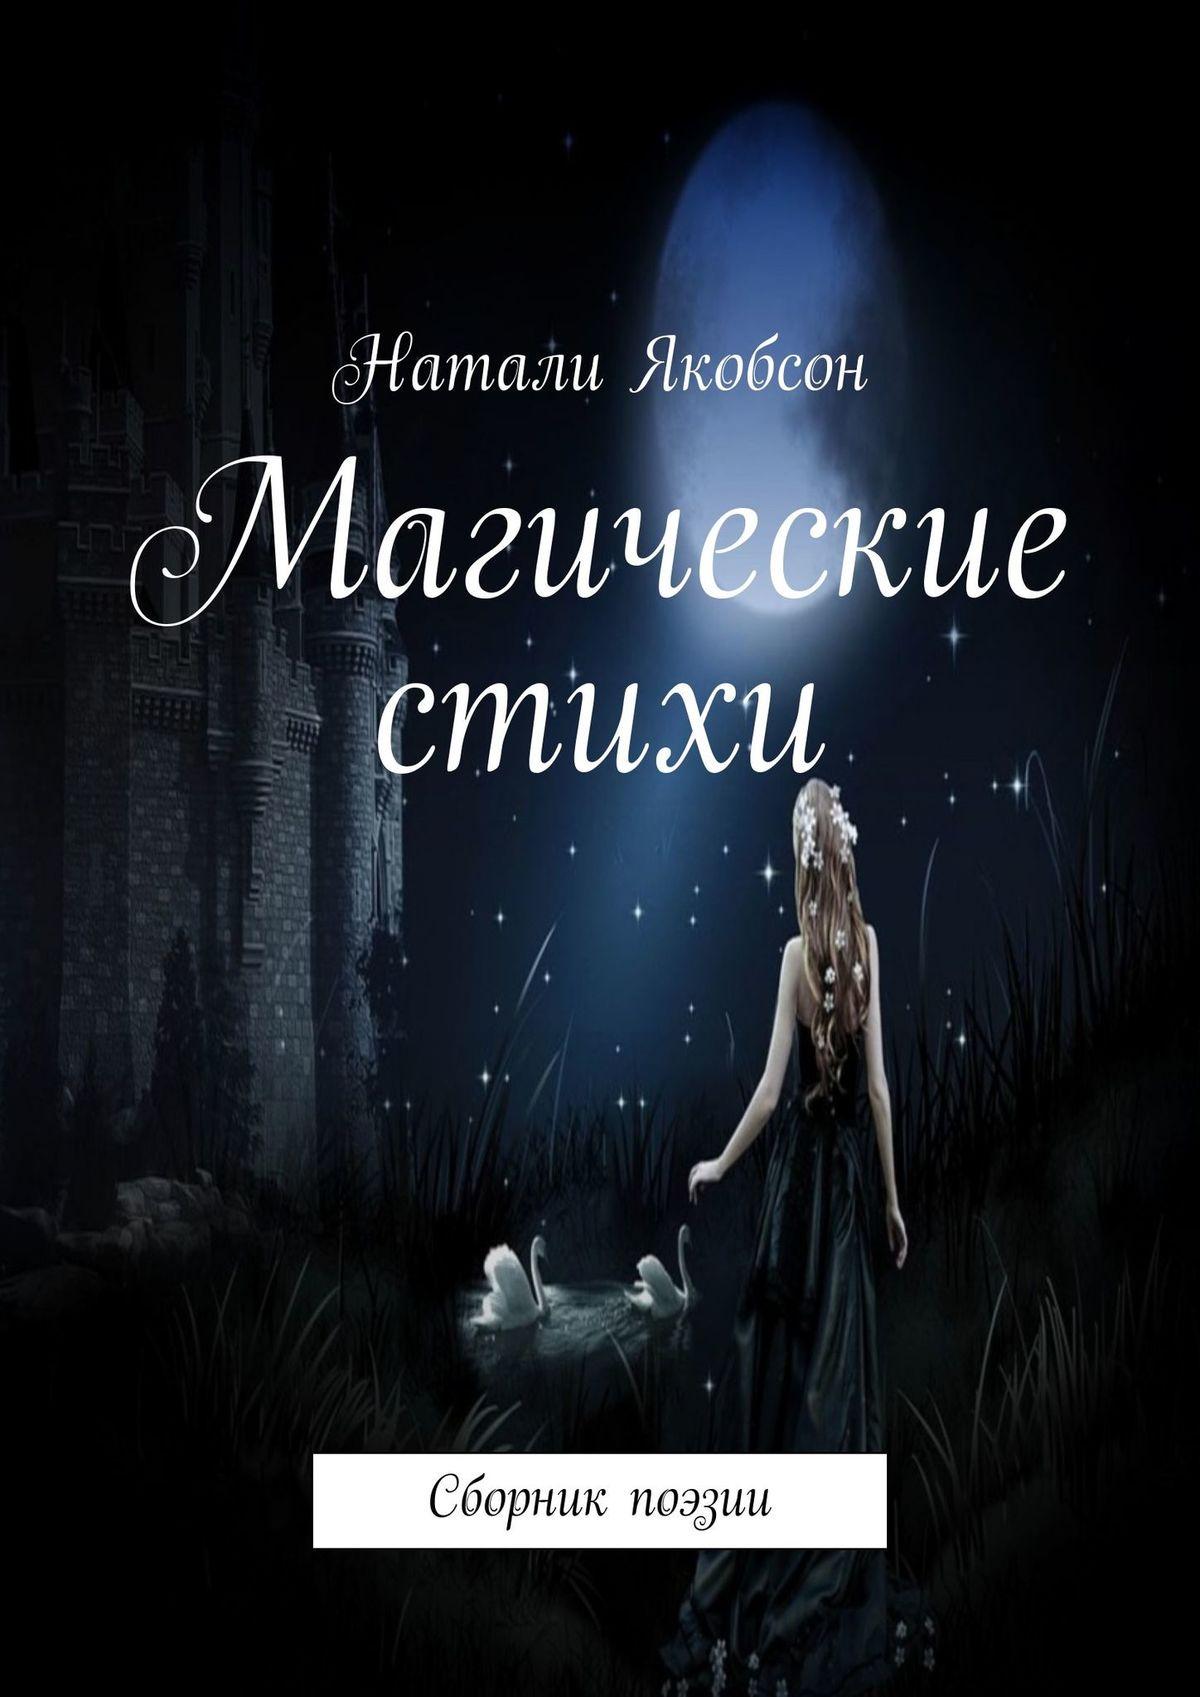 все цены на Натали Якобсон Магические стихи. Сборник поэзии онлайн